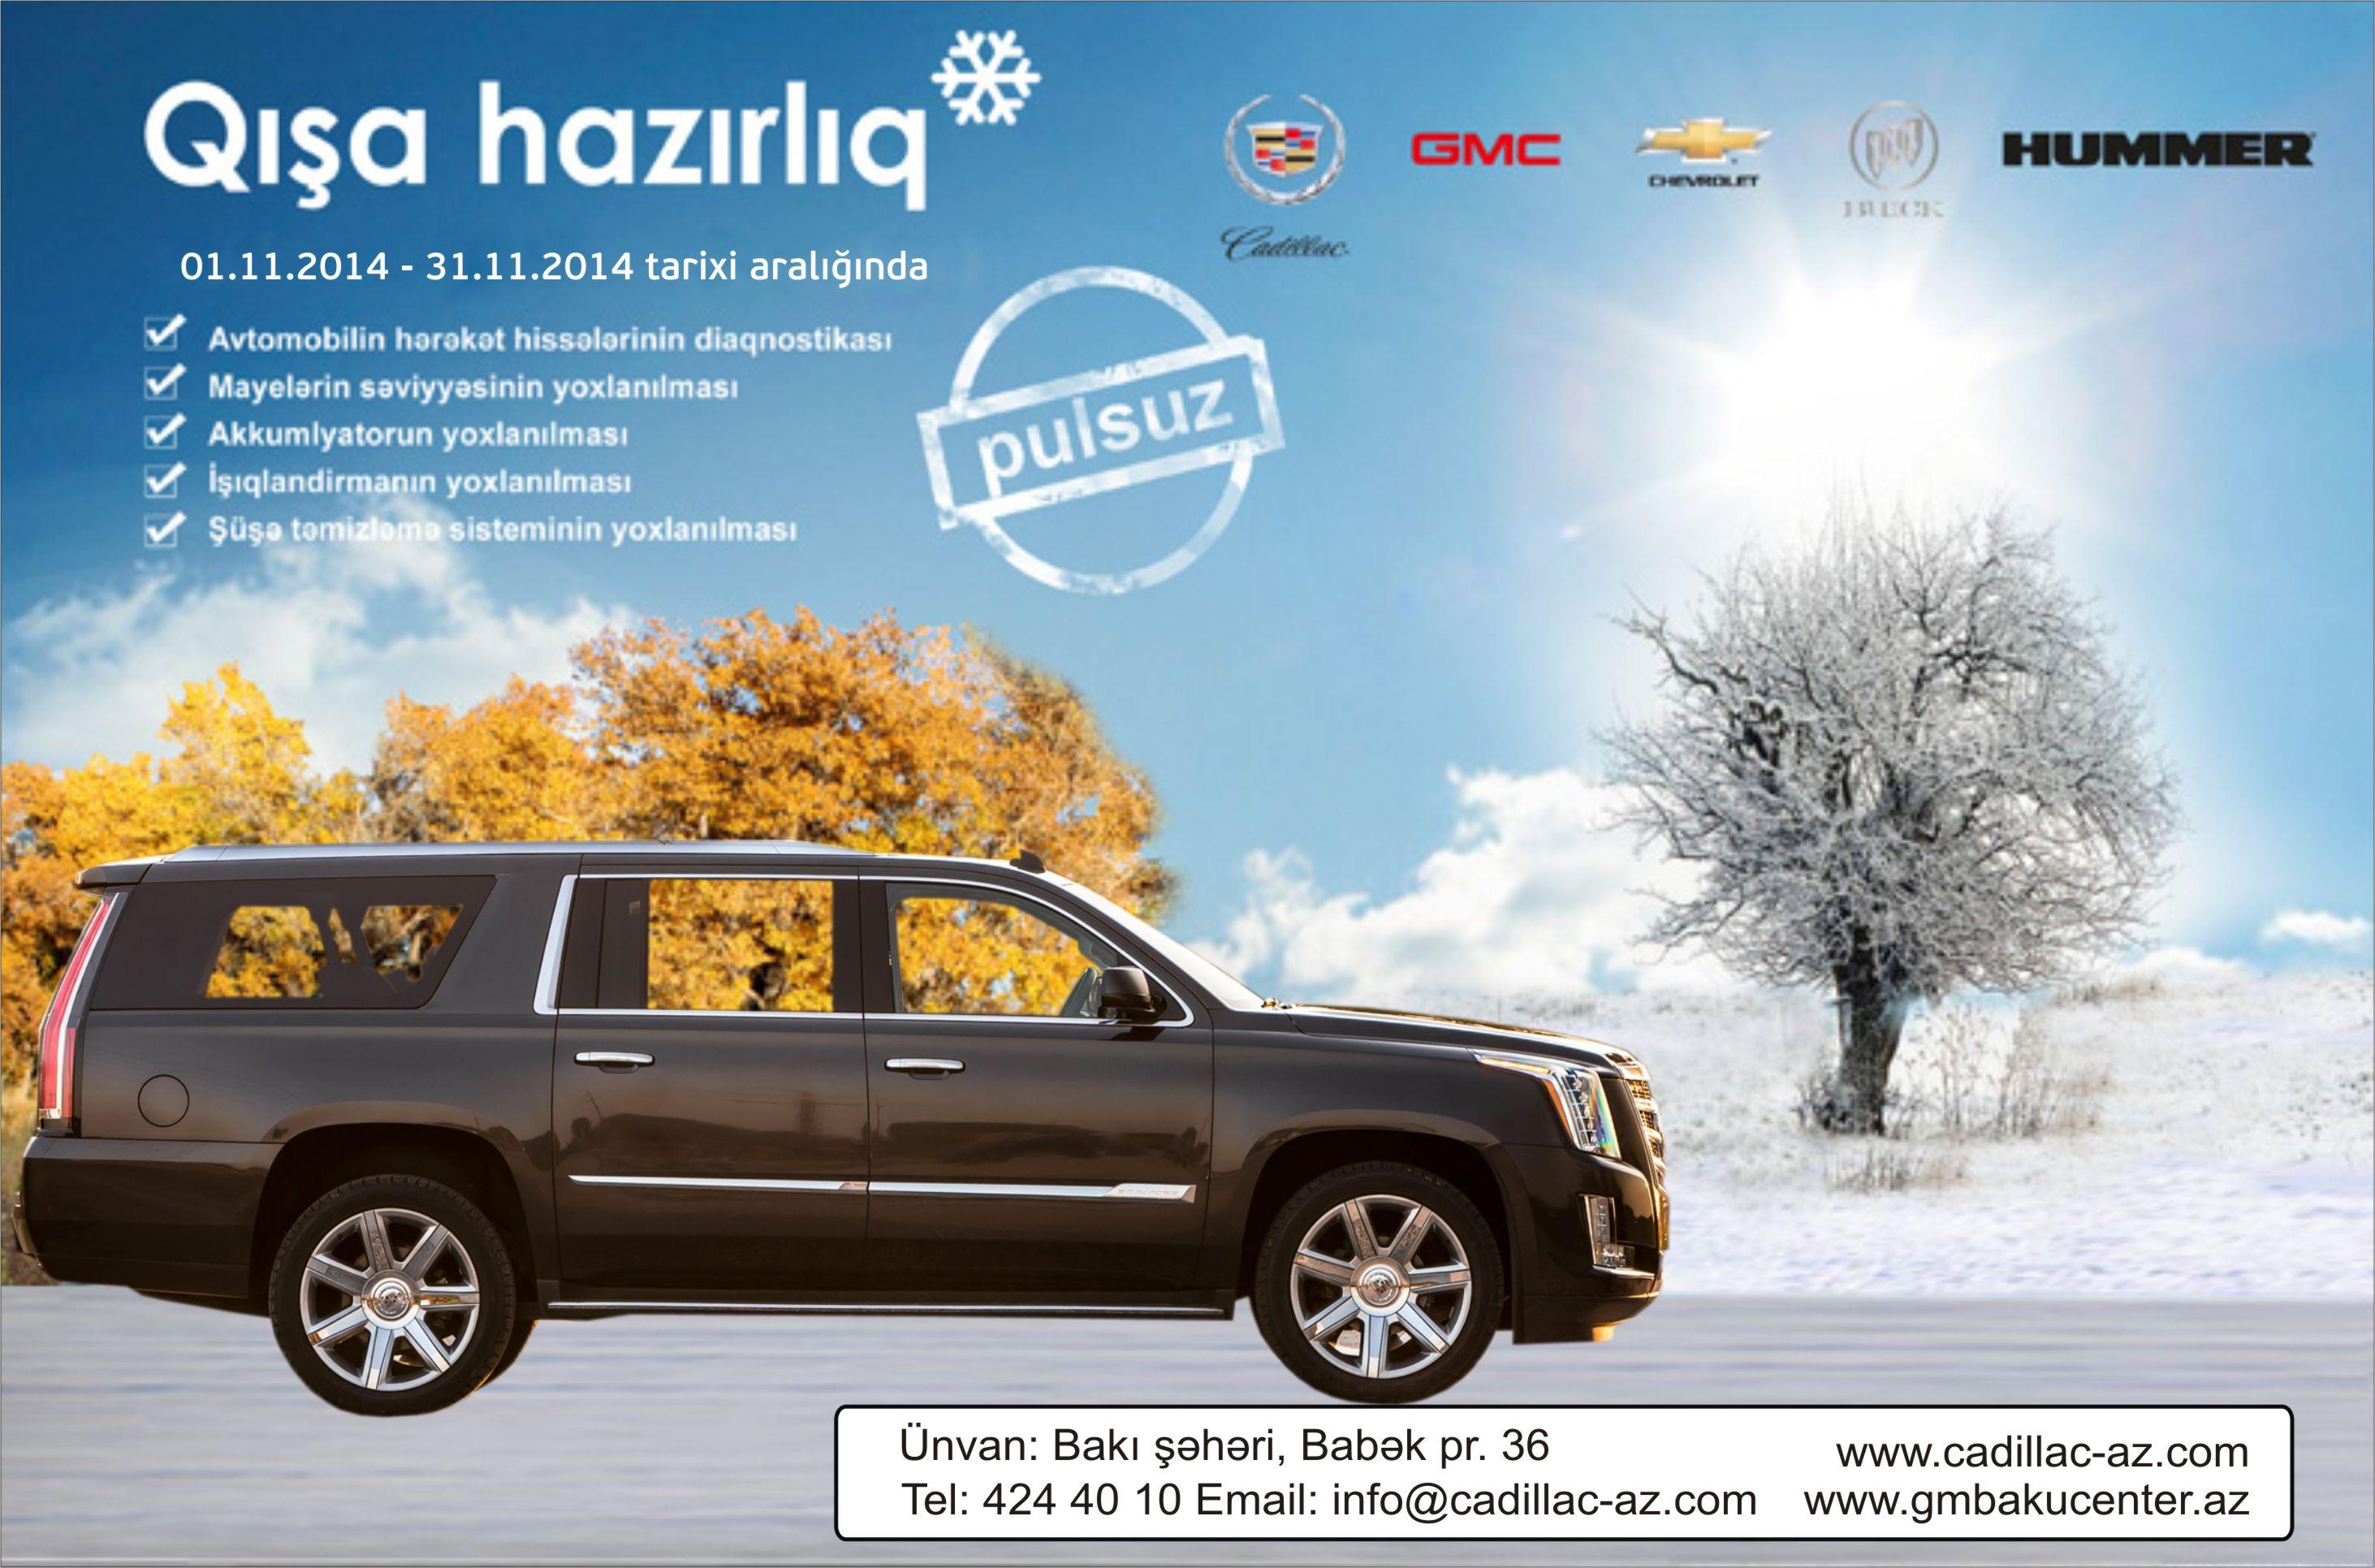 """Cadillac Azərbaycan """"Qışa hazırlıq"""" kampaniyasına başladı!"""